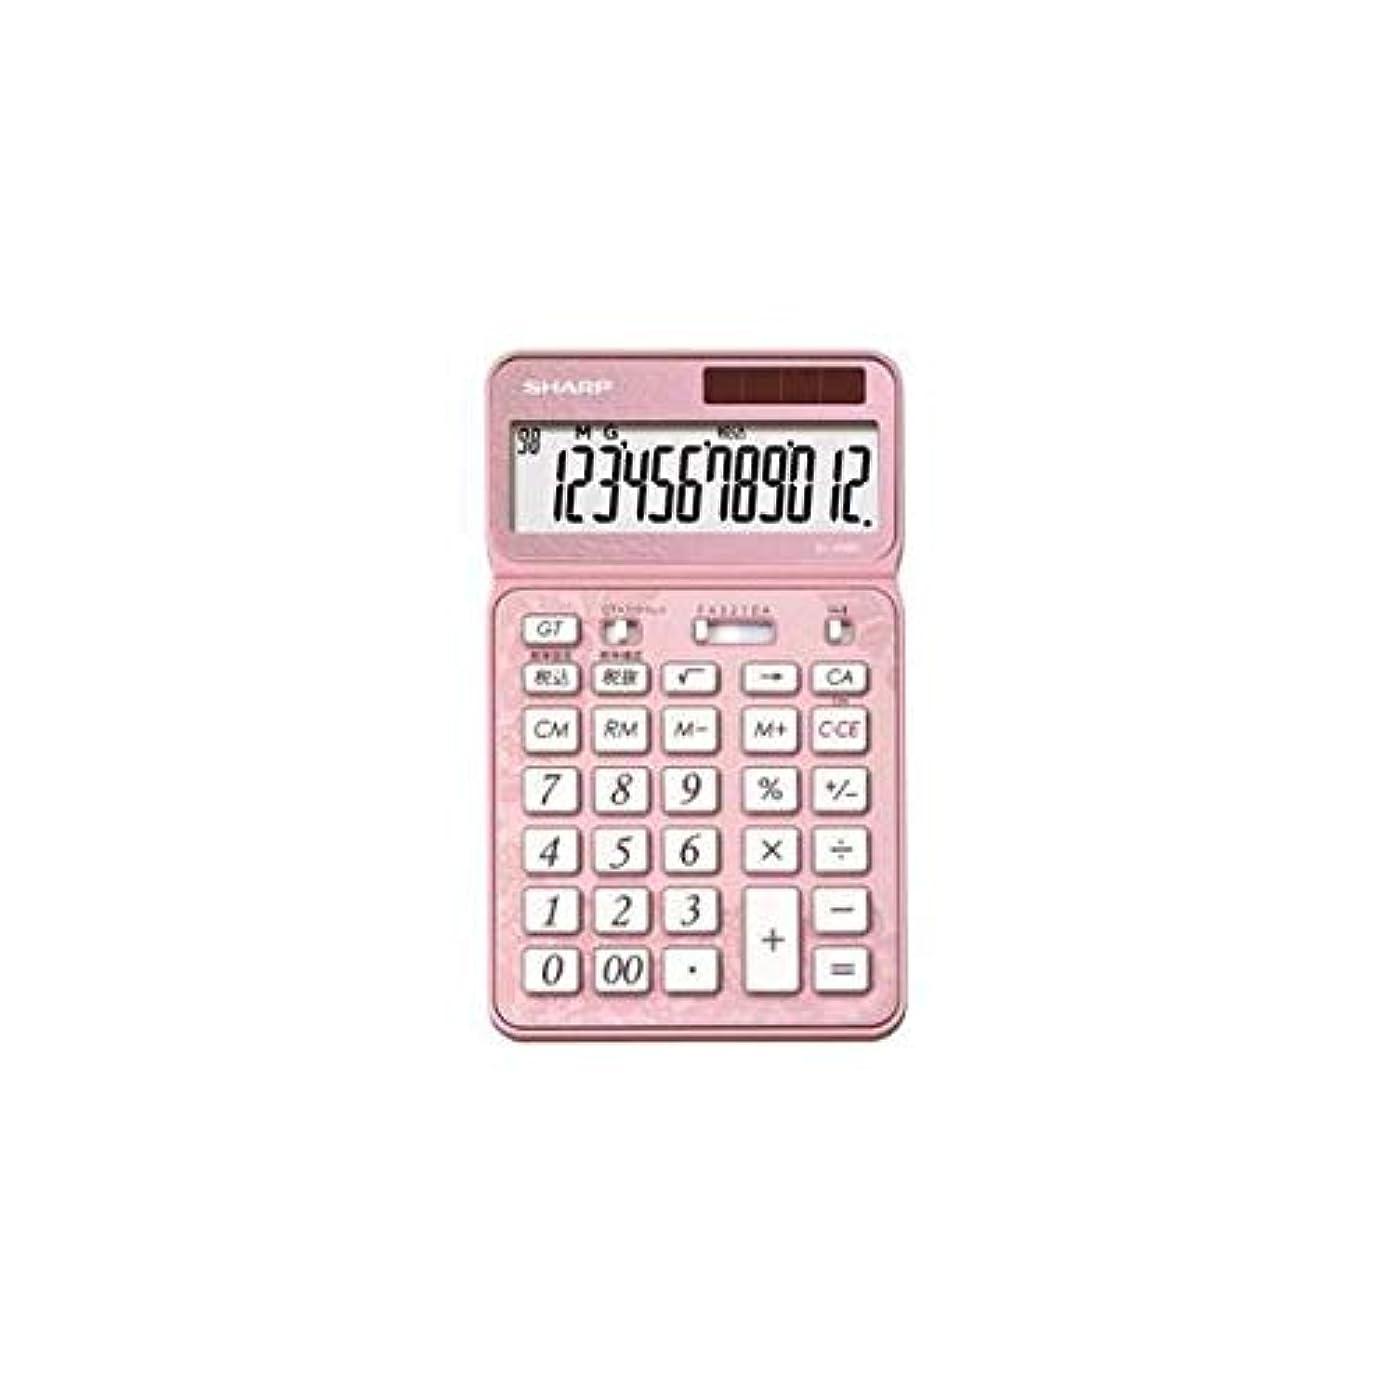 読み書きのできない闇エクステントSHARP 卓上電卓 12桁 50周年記念モデル ピンク EL-VN82-PX 生活用品 インテリア 雑貨 文具 オフィス用品 電卓 14067381 [並行輸入品]